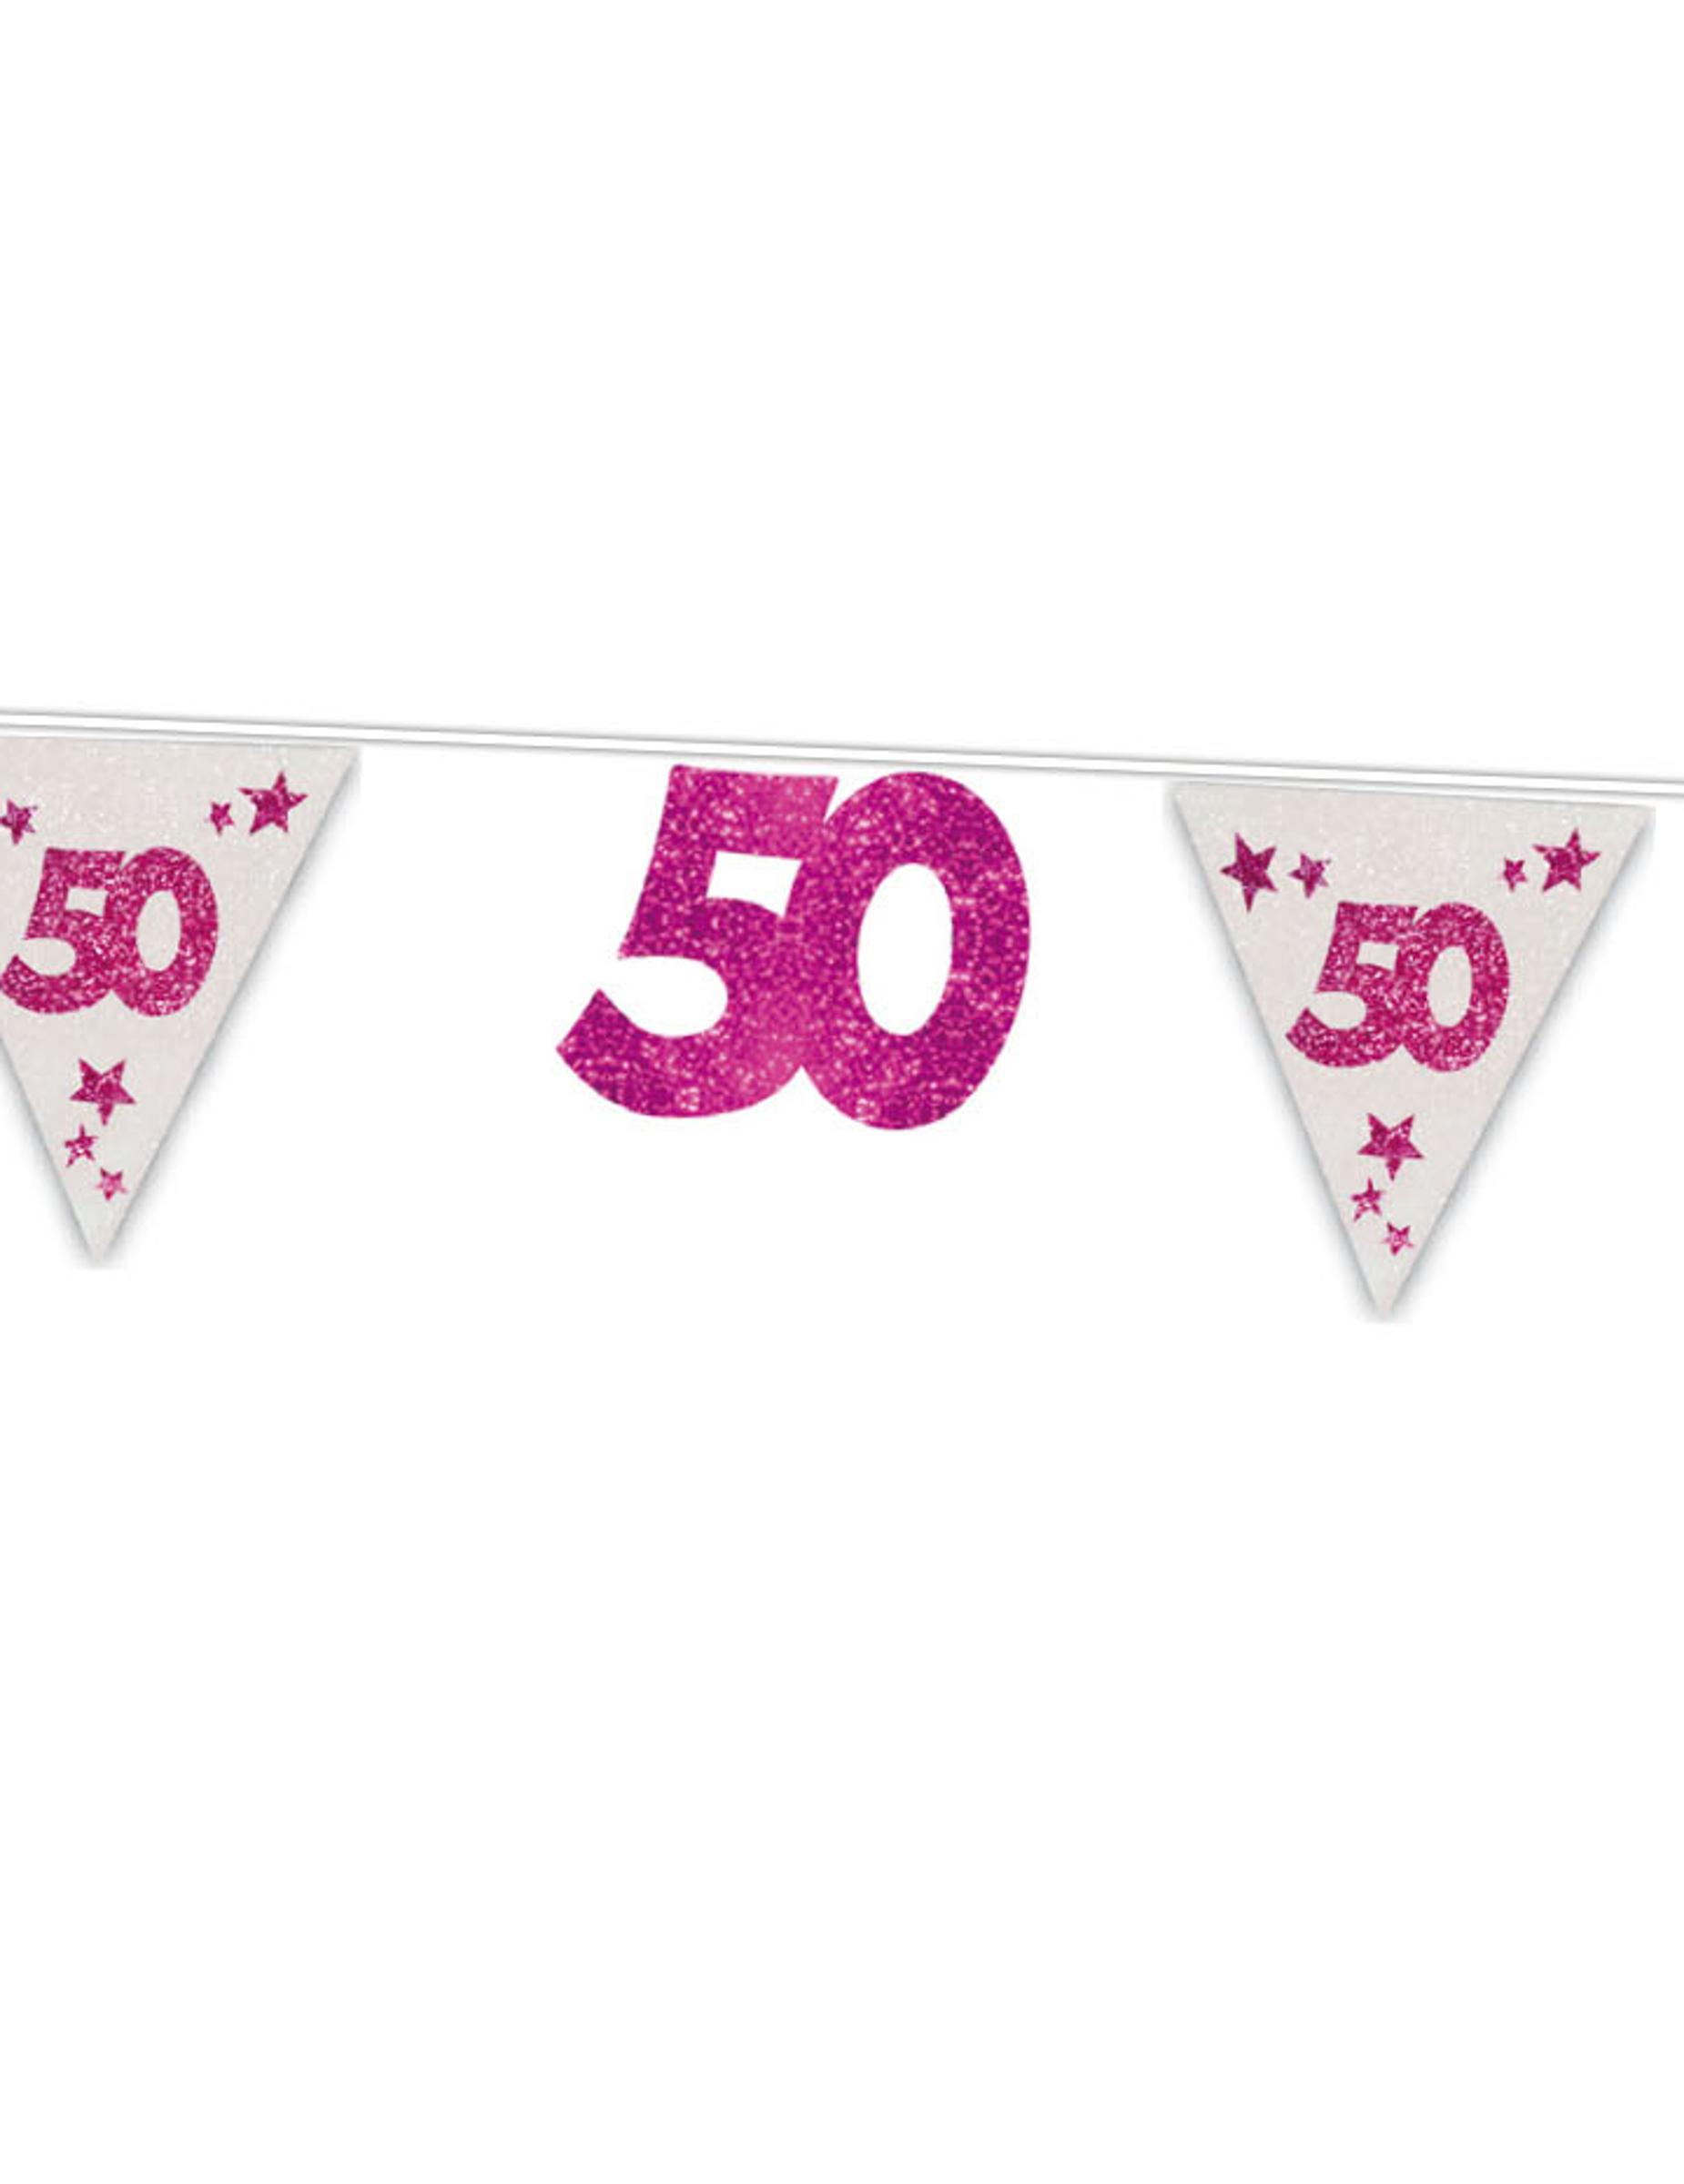 50 geburtstag girlande party deko pink 6m g nstige faschings partydeko zubeh r bei karneval. Black Bedroom Furniture Sets. Home Design Ideas